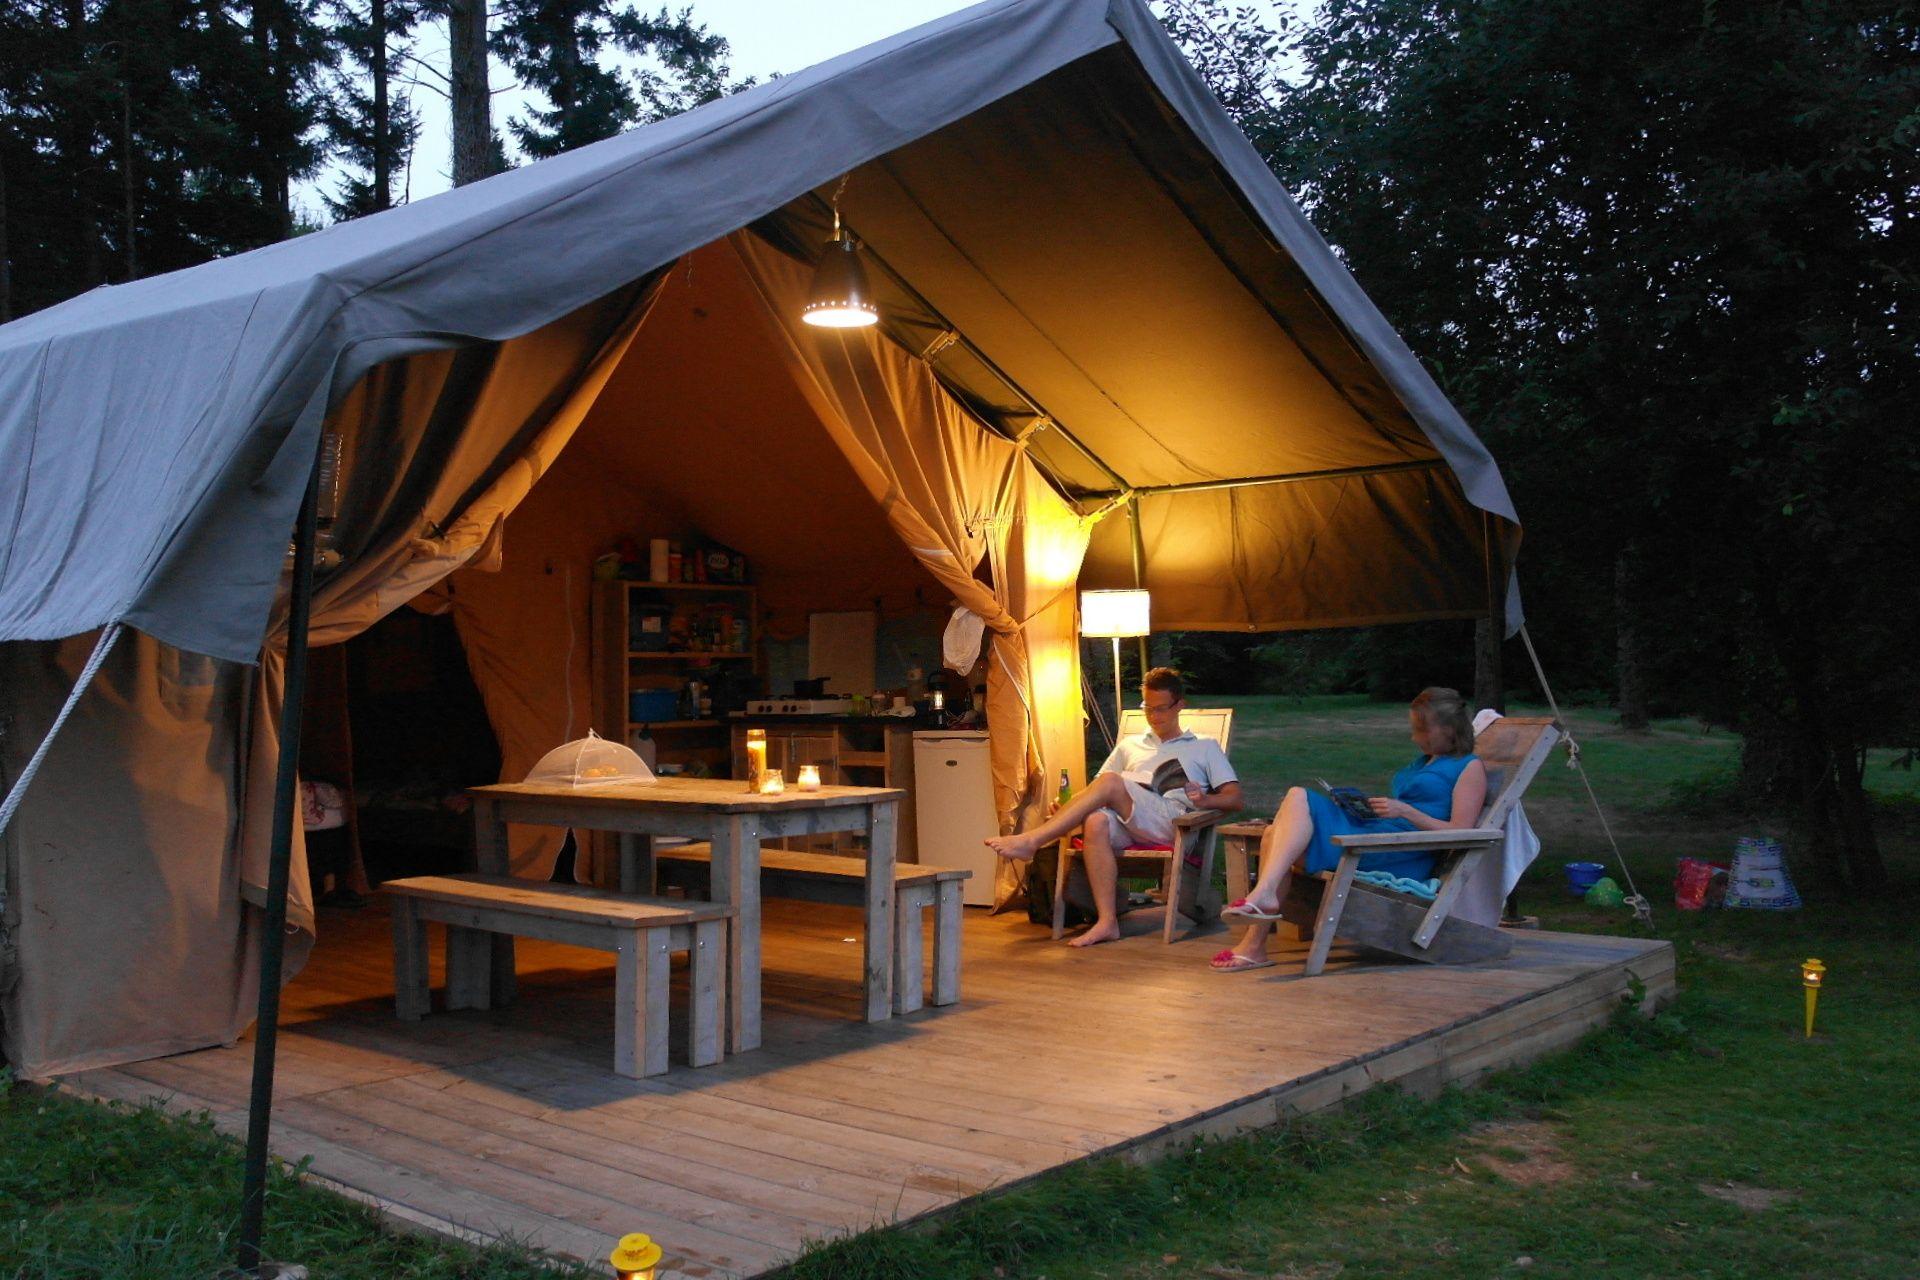 huur een safaritent op een kleine camping greencamp verhuurt op zo